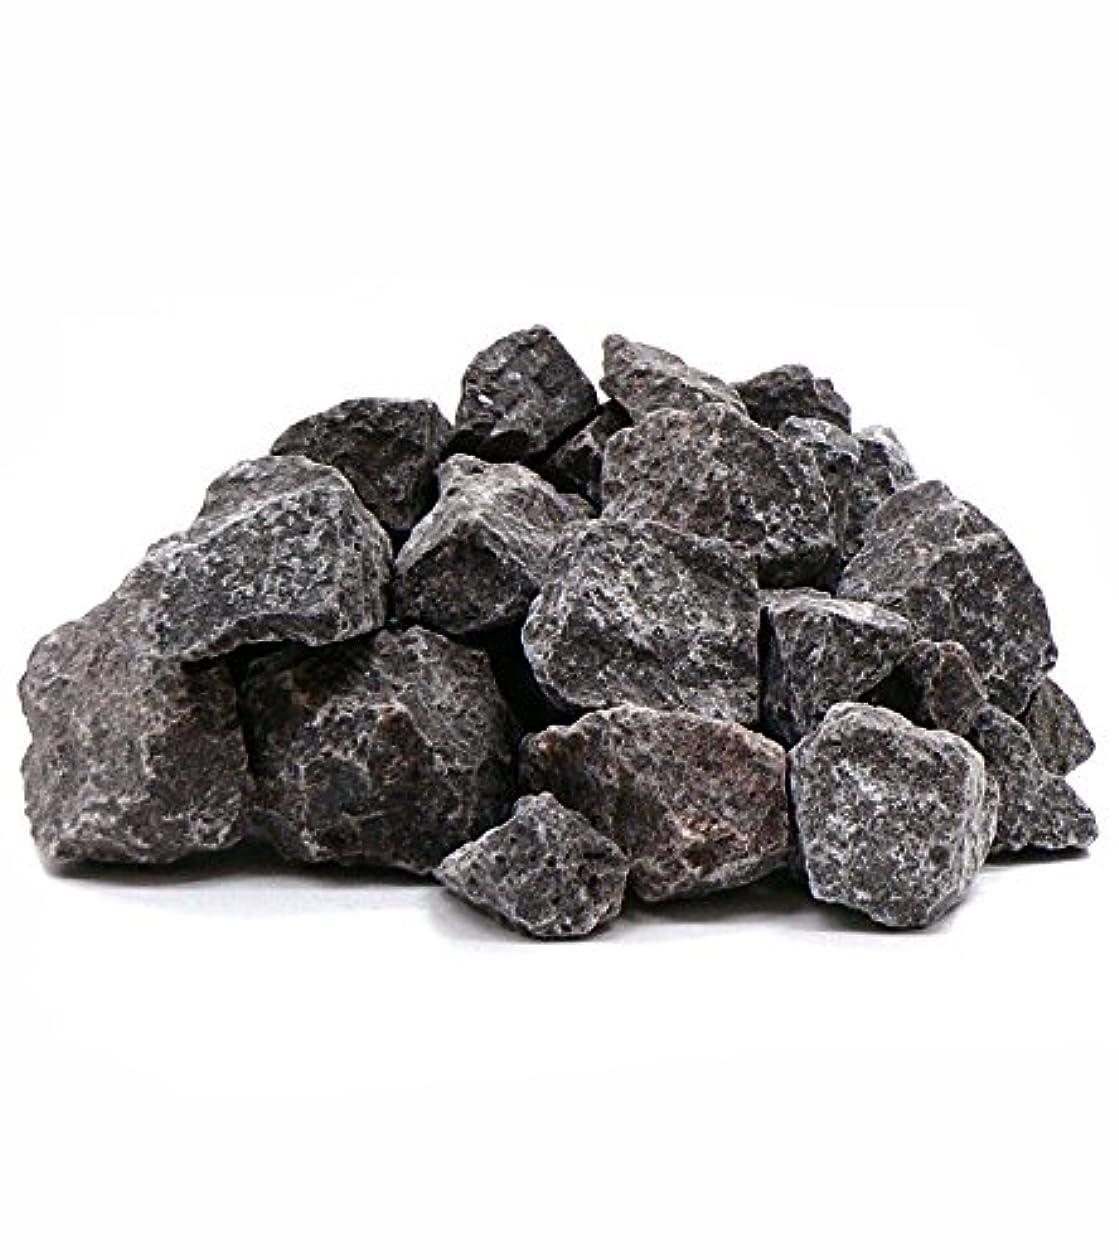 アラスカ素晴らしい良い多くの膨張するヒマラヤ岩塩 ブラックソルト 入浴用 バスソルト(塊?ブロック)2kg 黒岩塩 ブラック岩塩